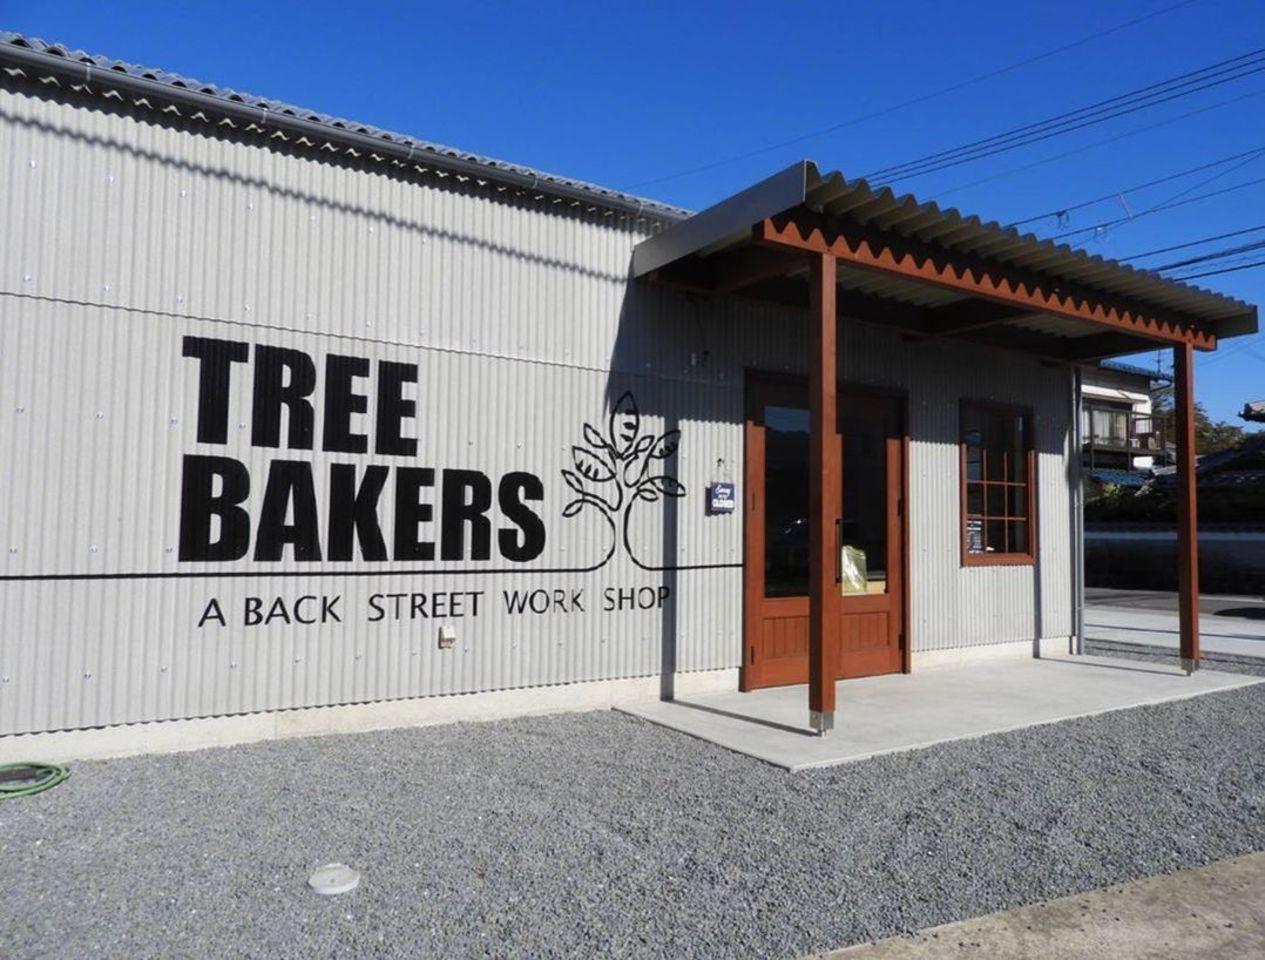 大好きなパン屋さんの1つになるように...愛媛県東温市田窪の「ツリーベーカーズ」